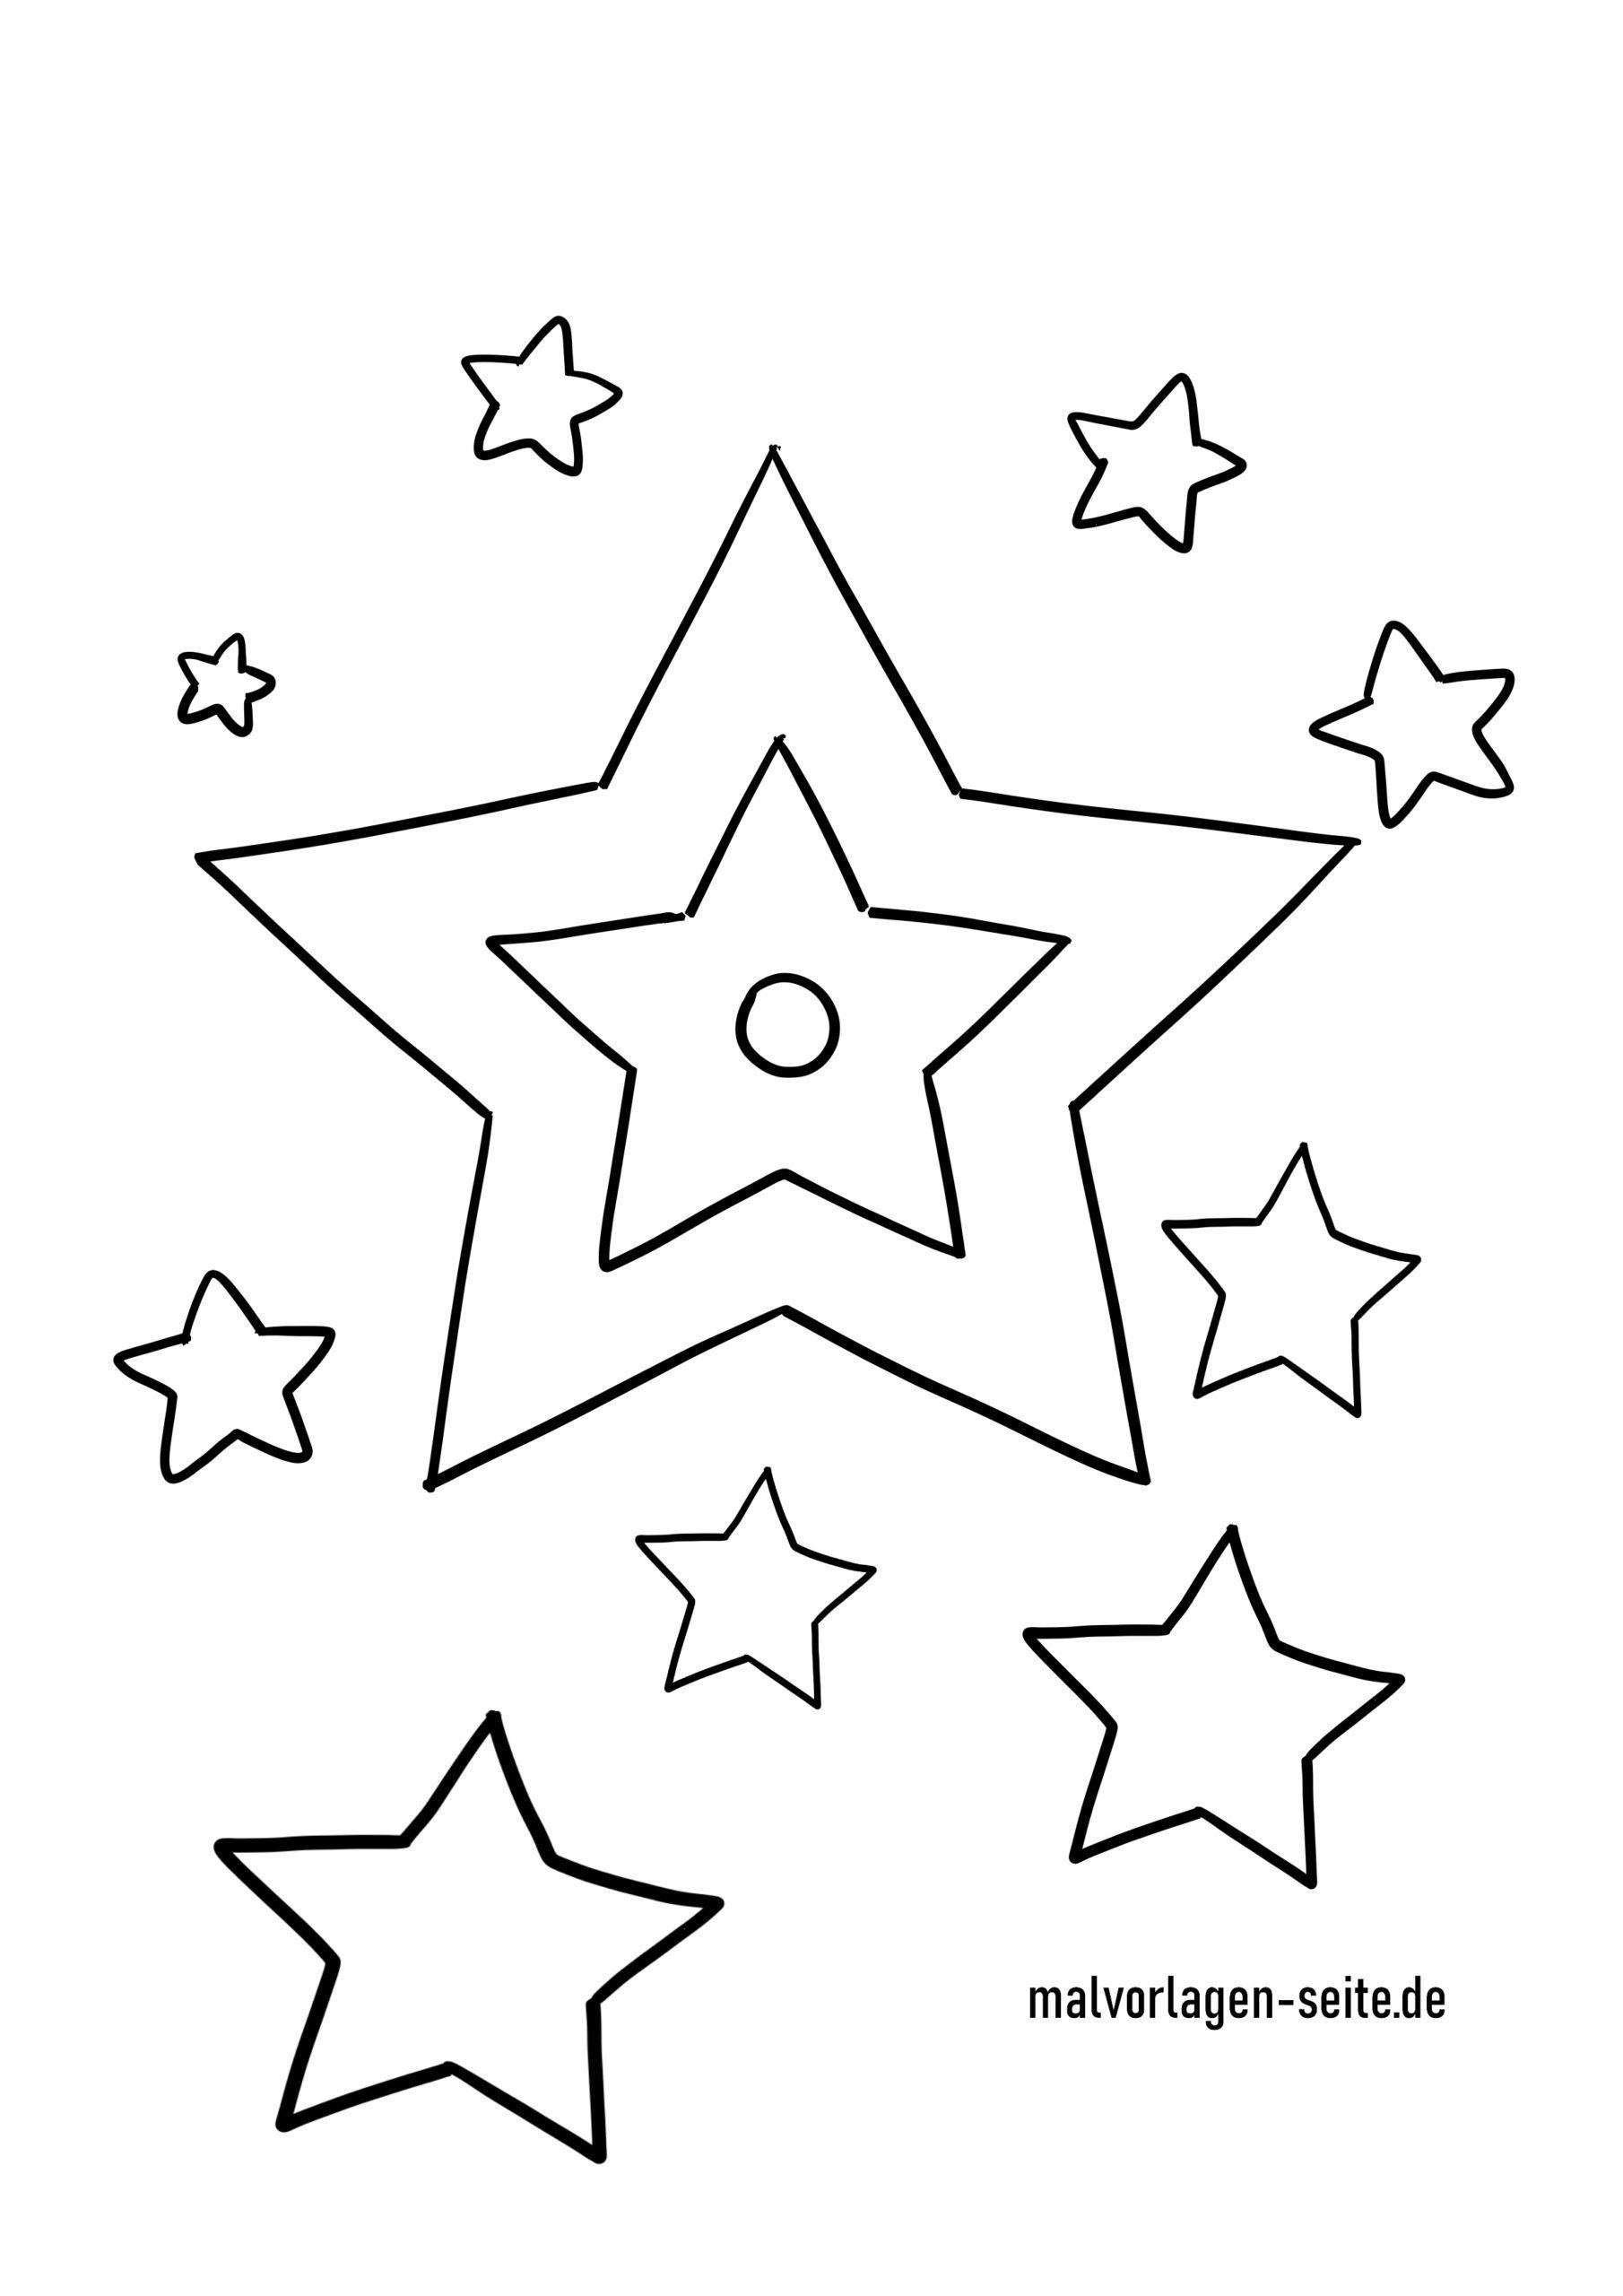 Malvorlage Sterne - Ausmalbilder Kostenlos Herunterladen bei Malvorlage Stern Groß